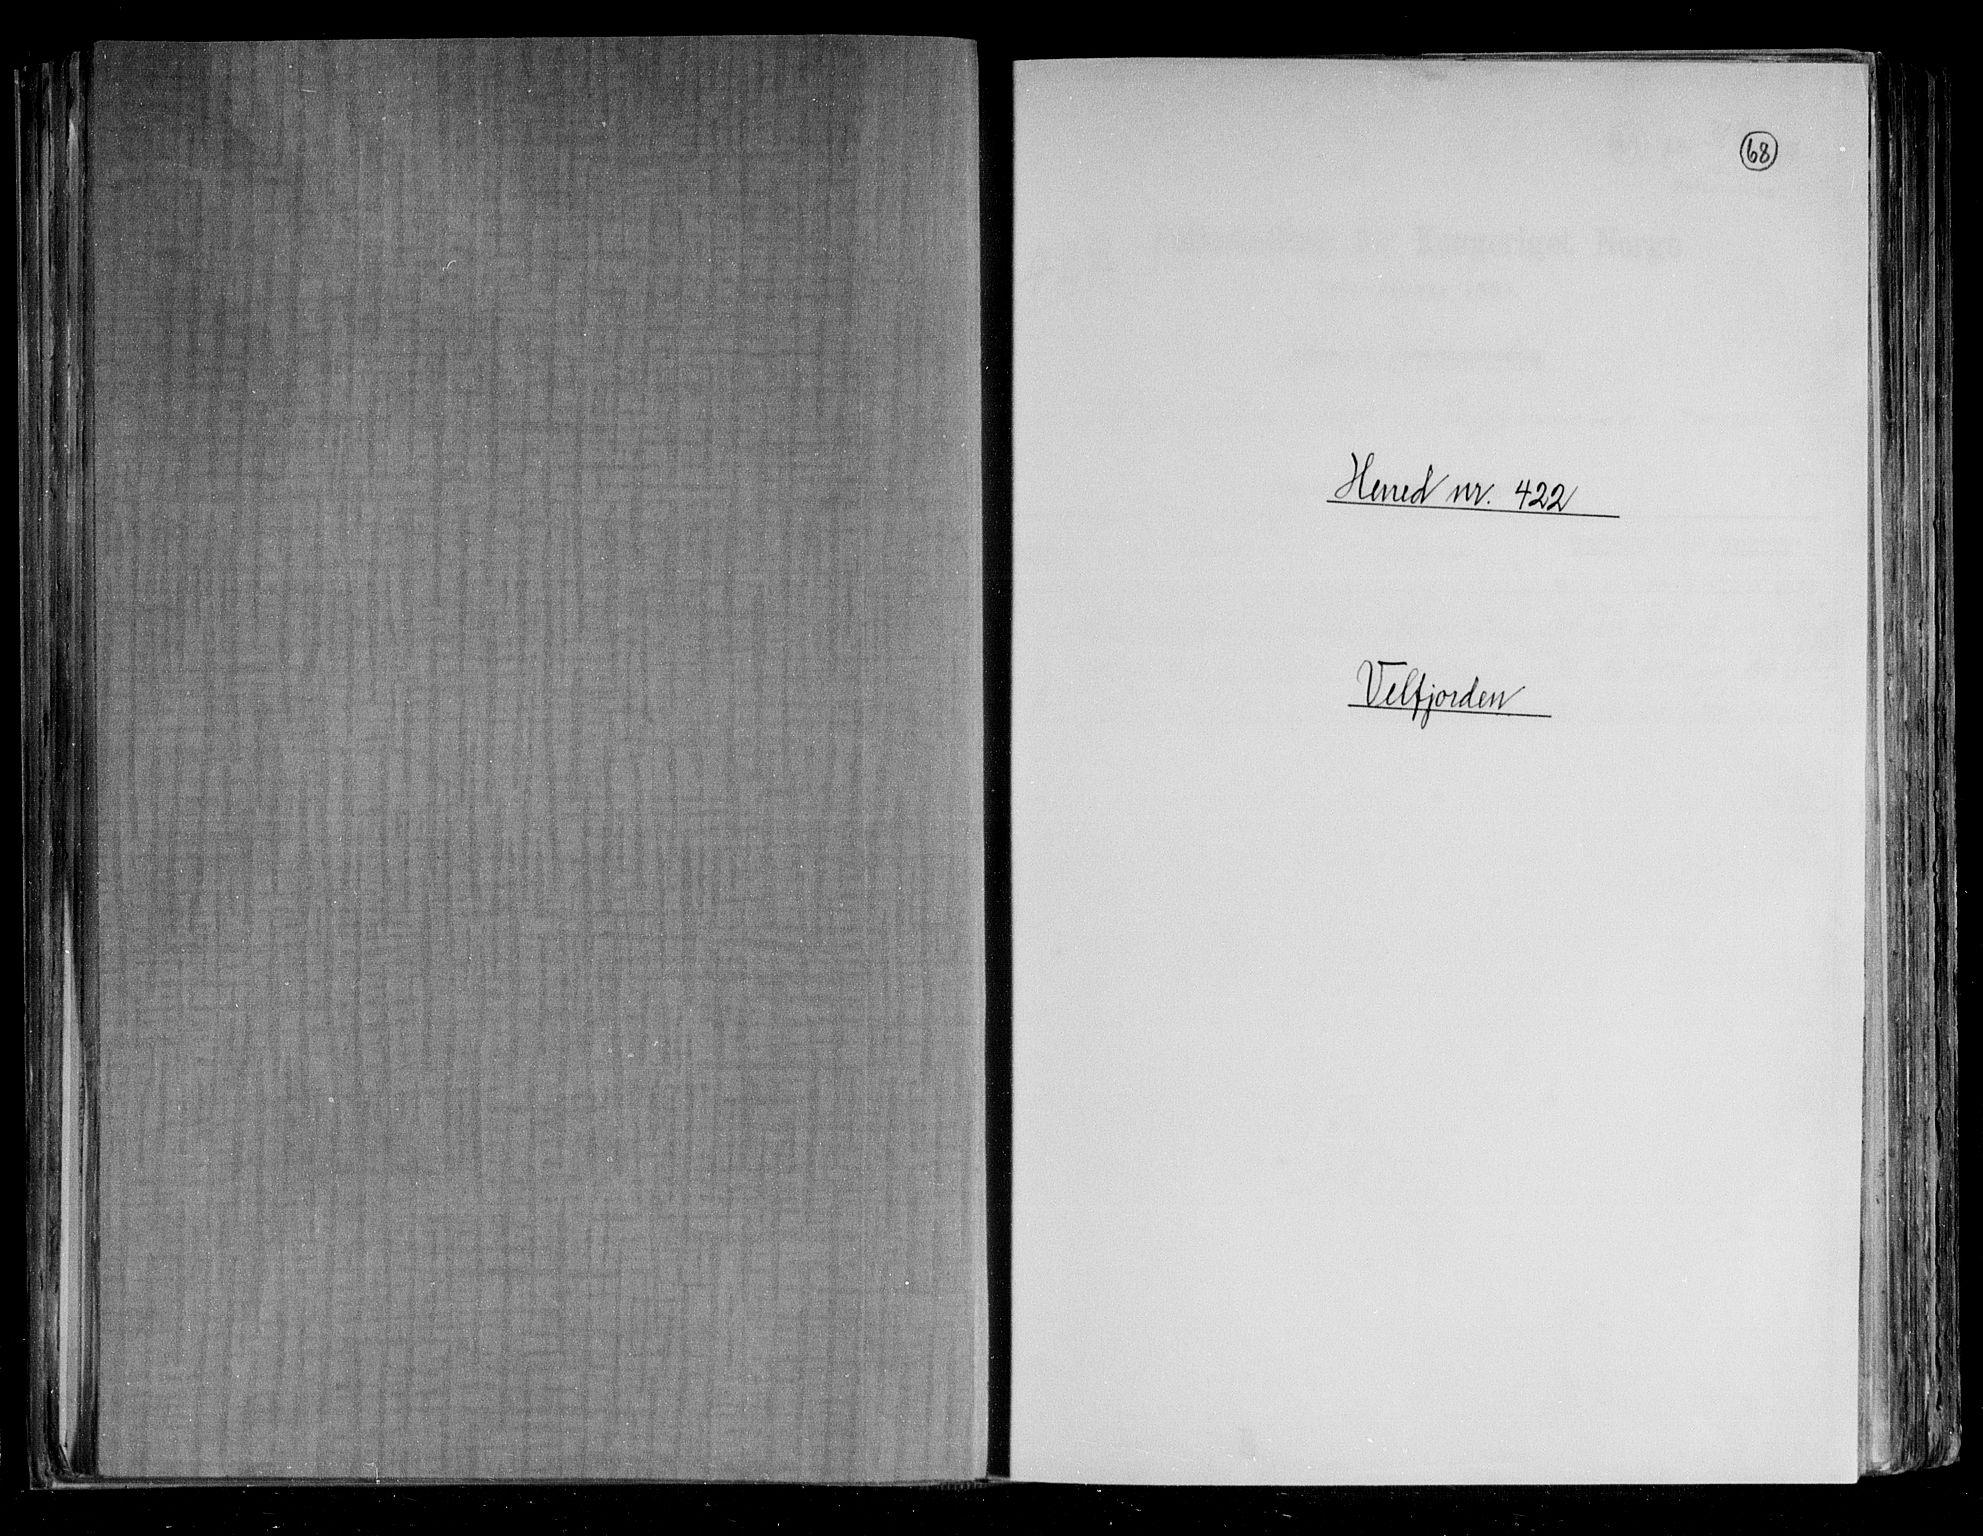 RA, Folketelling 1891 for 1813 Velfjord herred, 1891, s. 1